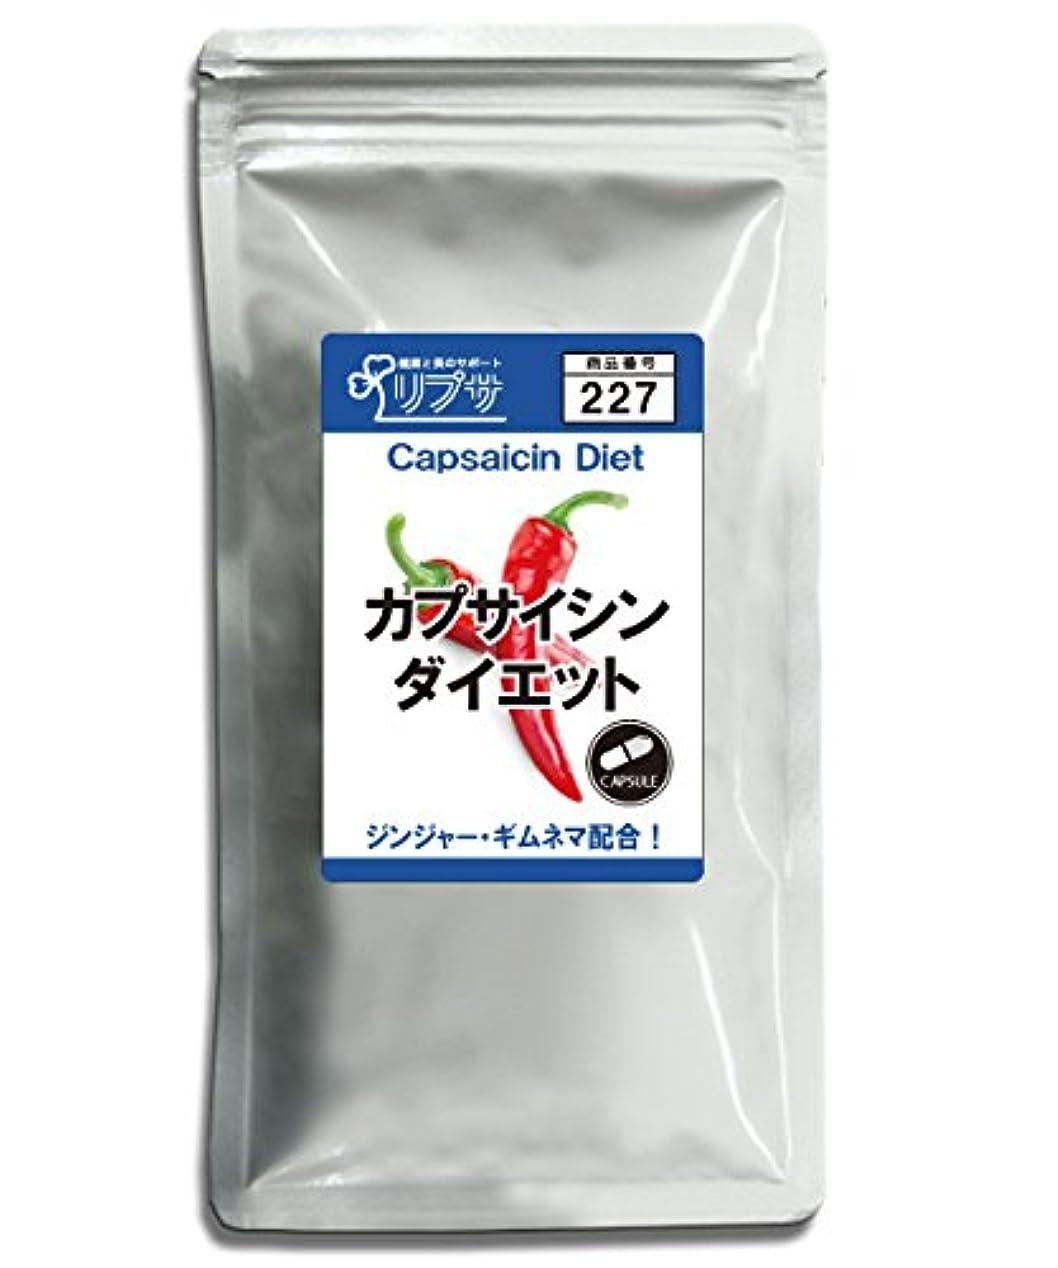 ぬいぐるみ手数料に慣れカプサイシンダイエット 約3か月分 C-227